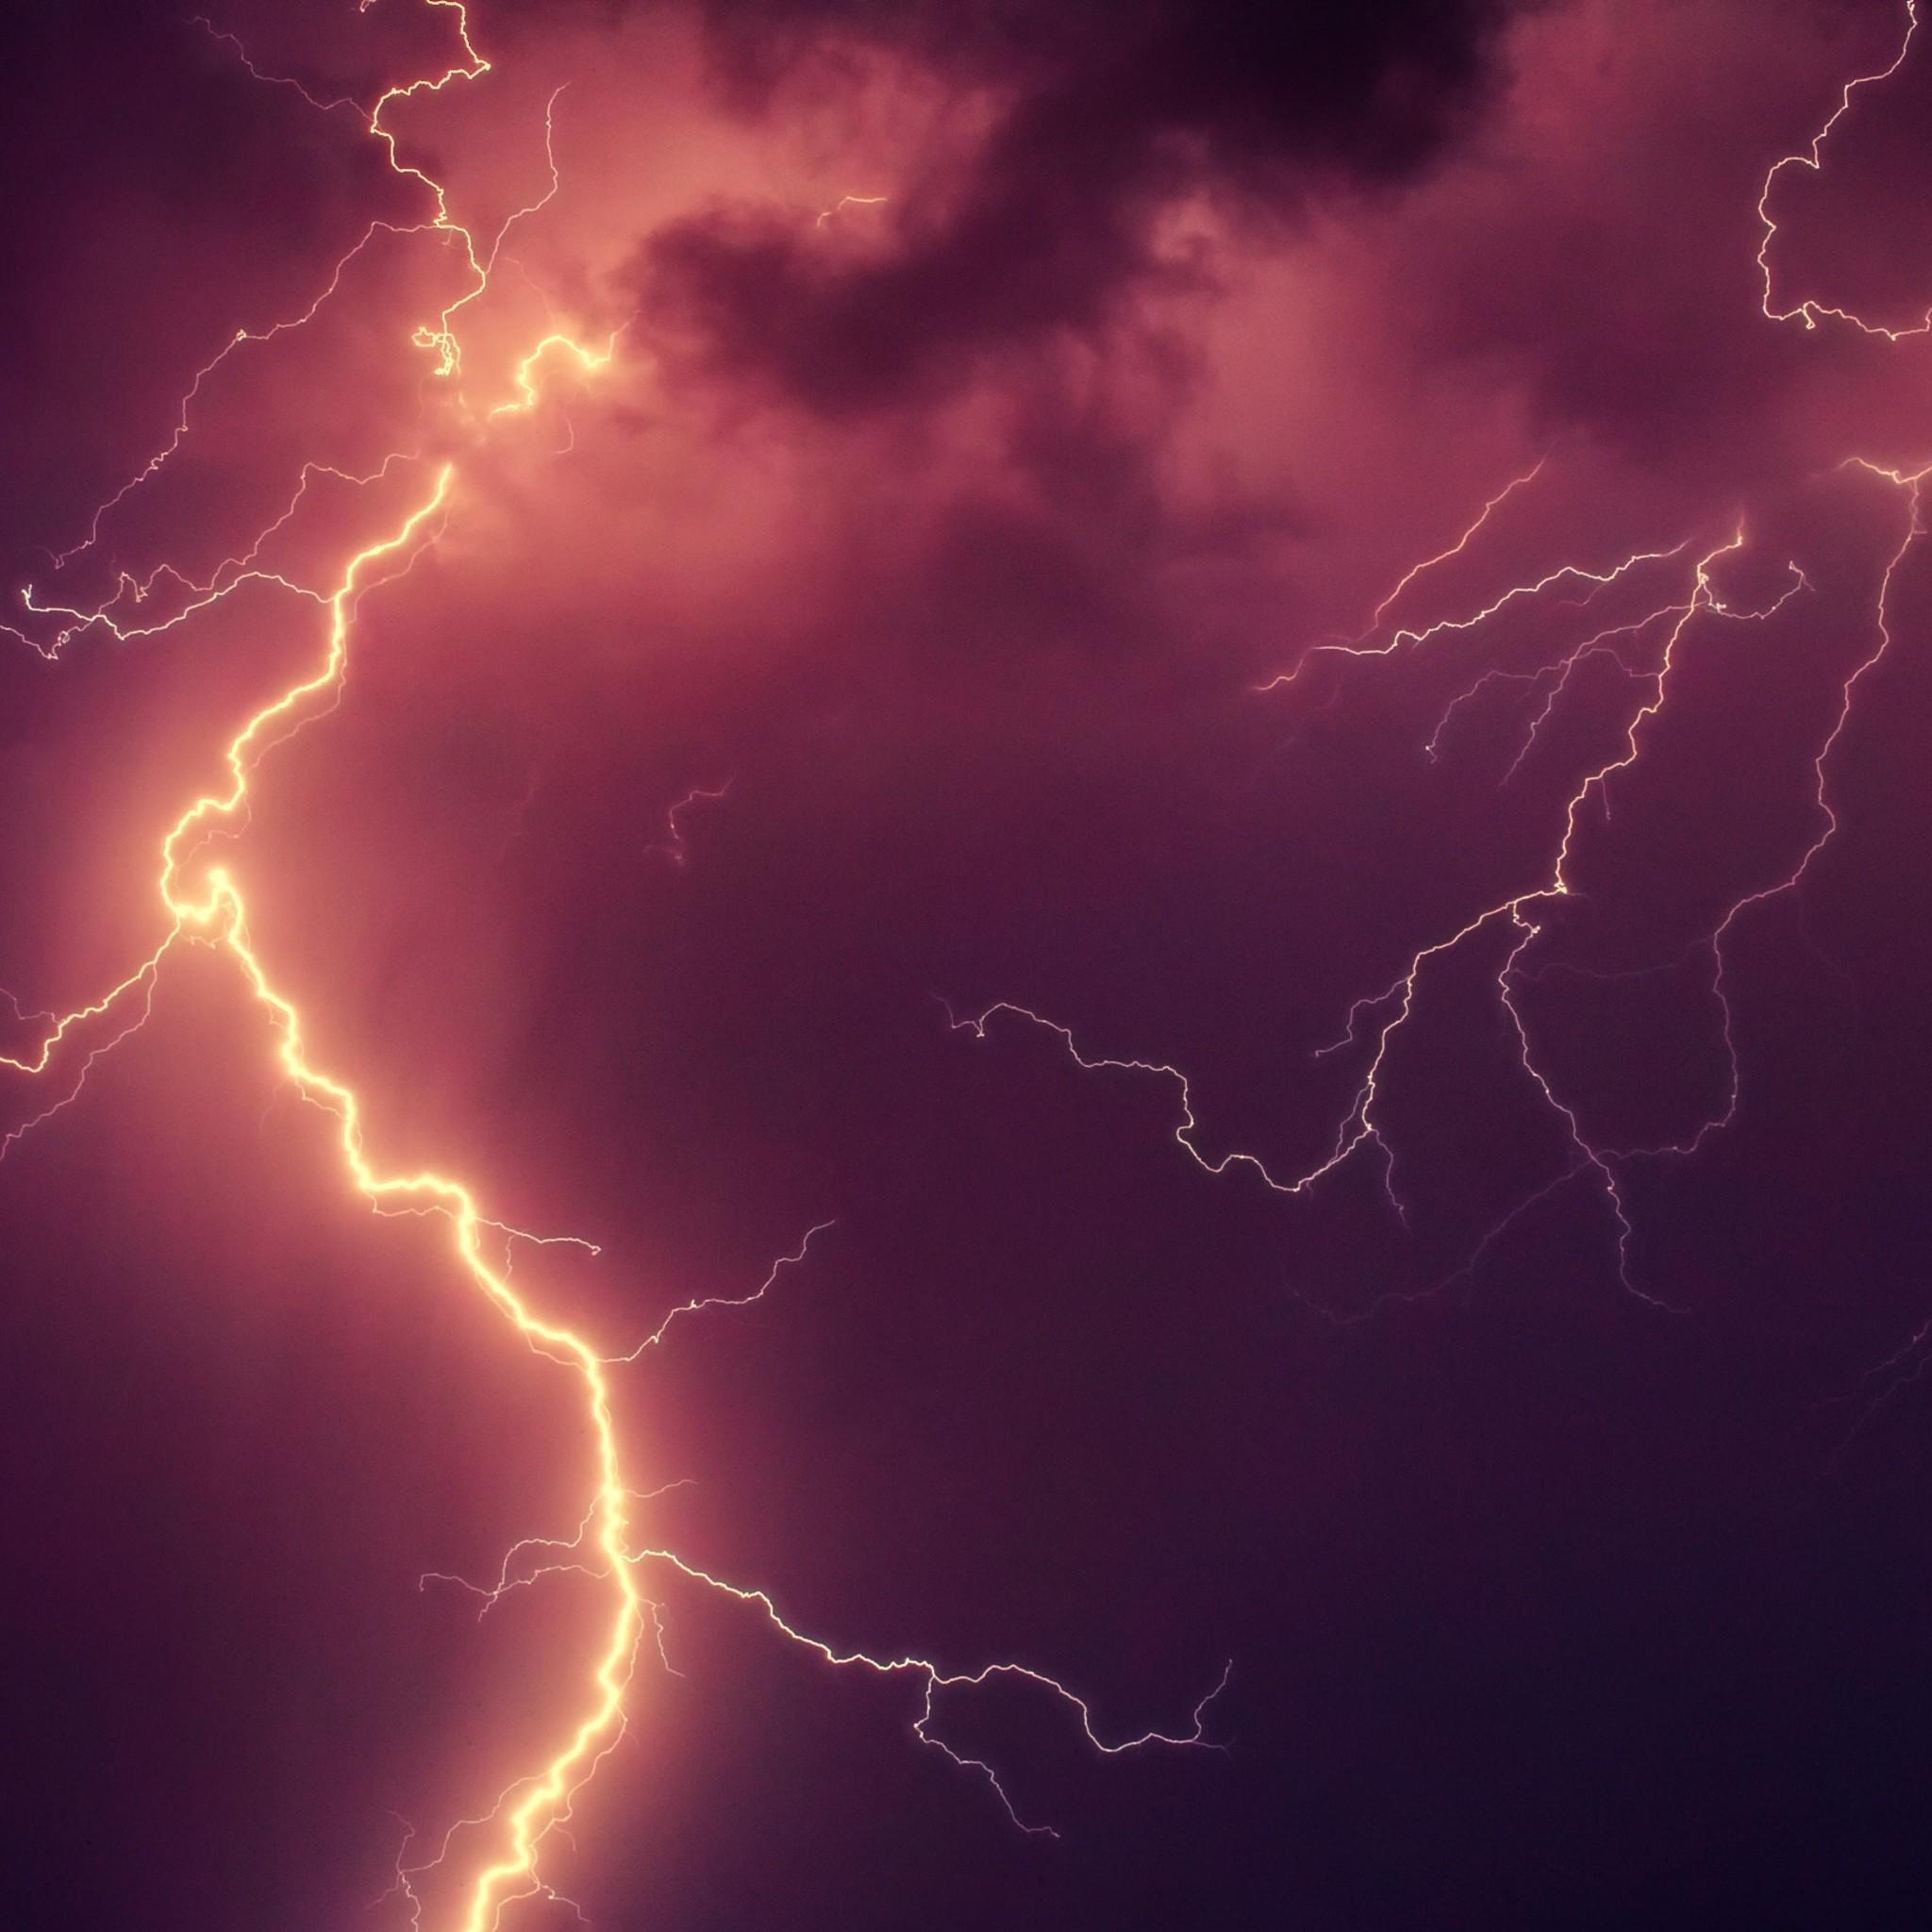 Res: 2048x2048, thunderstorm-lightning-strike-kn.jpg